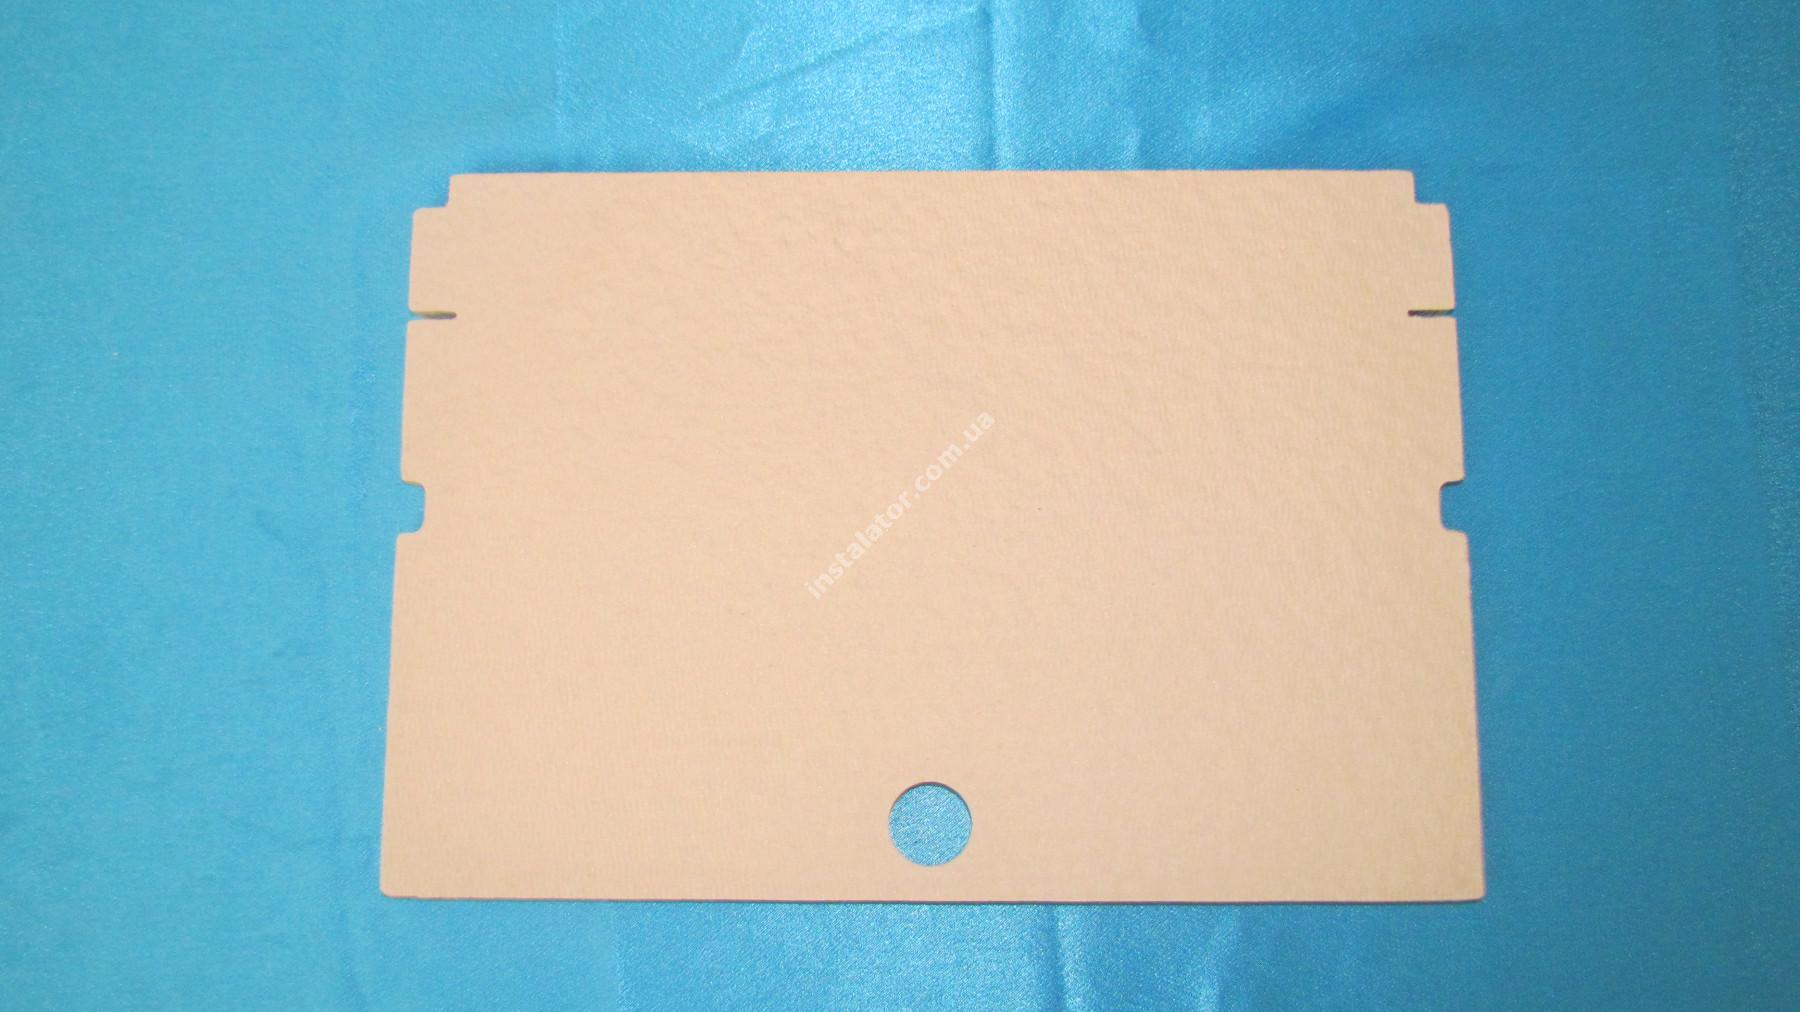 995995 Ізоляція камери згорання передня панель ARISTON  full-image-0